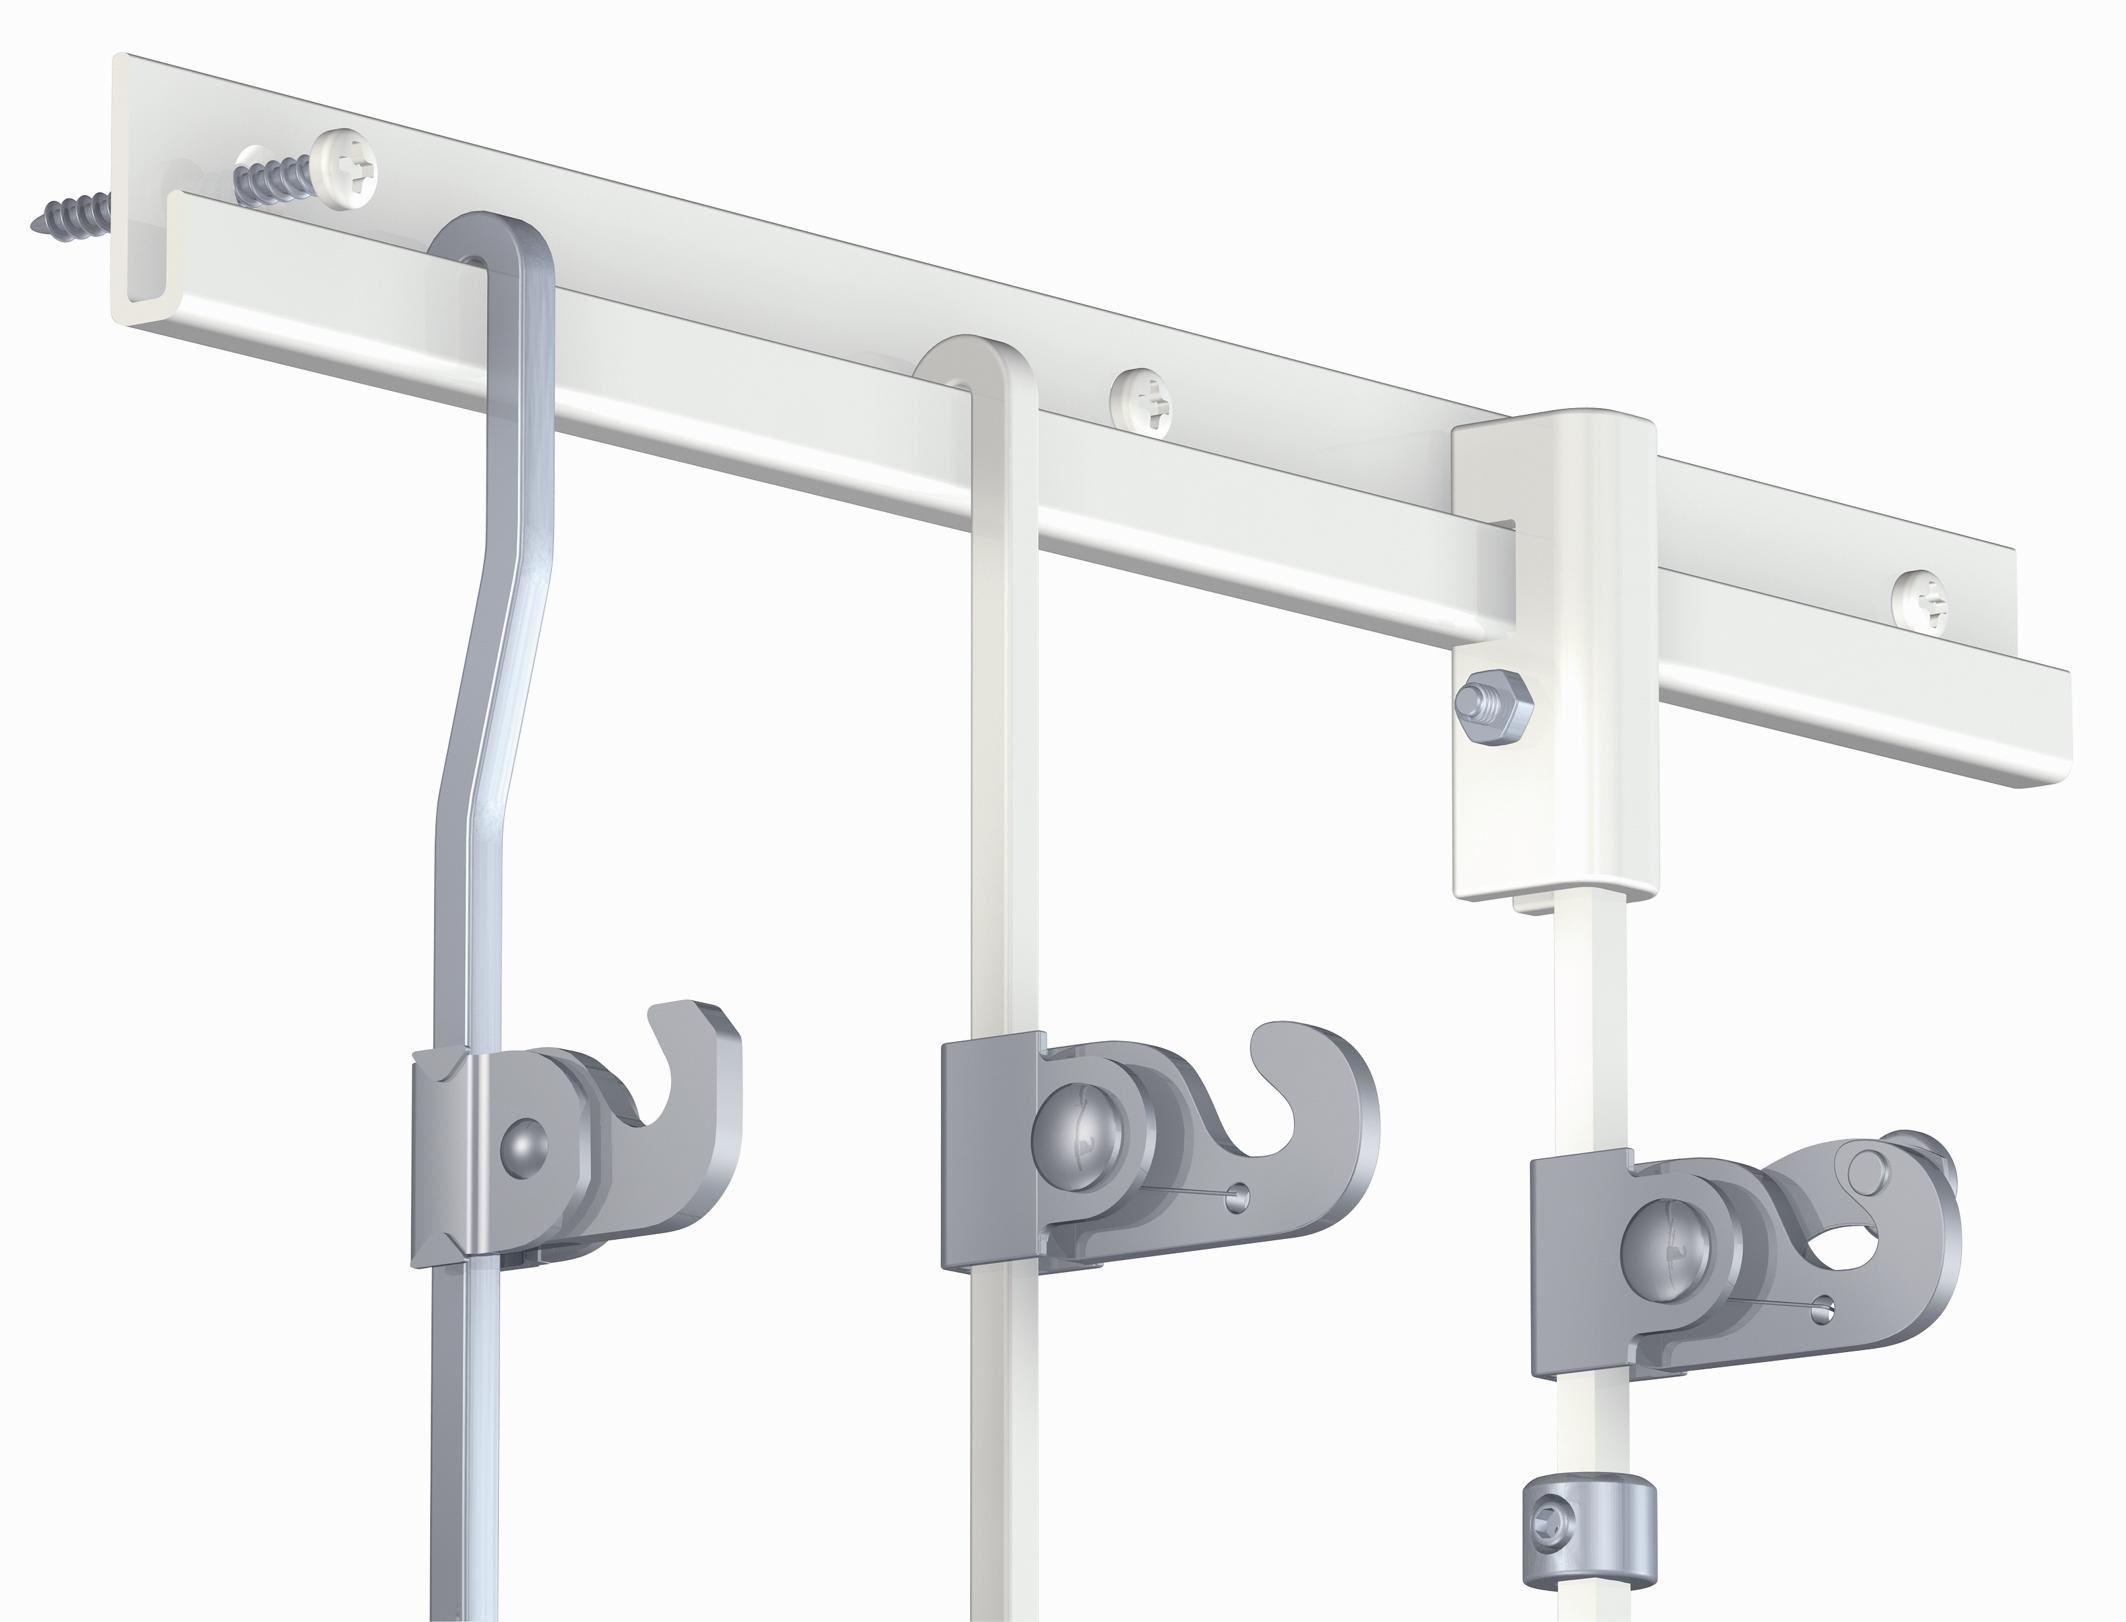 cimaise et cimaises pour tableau cimaise classic rail 100 kg n 1 accrochage en europe. Black Bedroom Furniture Sets. Home Design Ideas